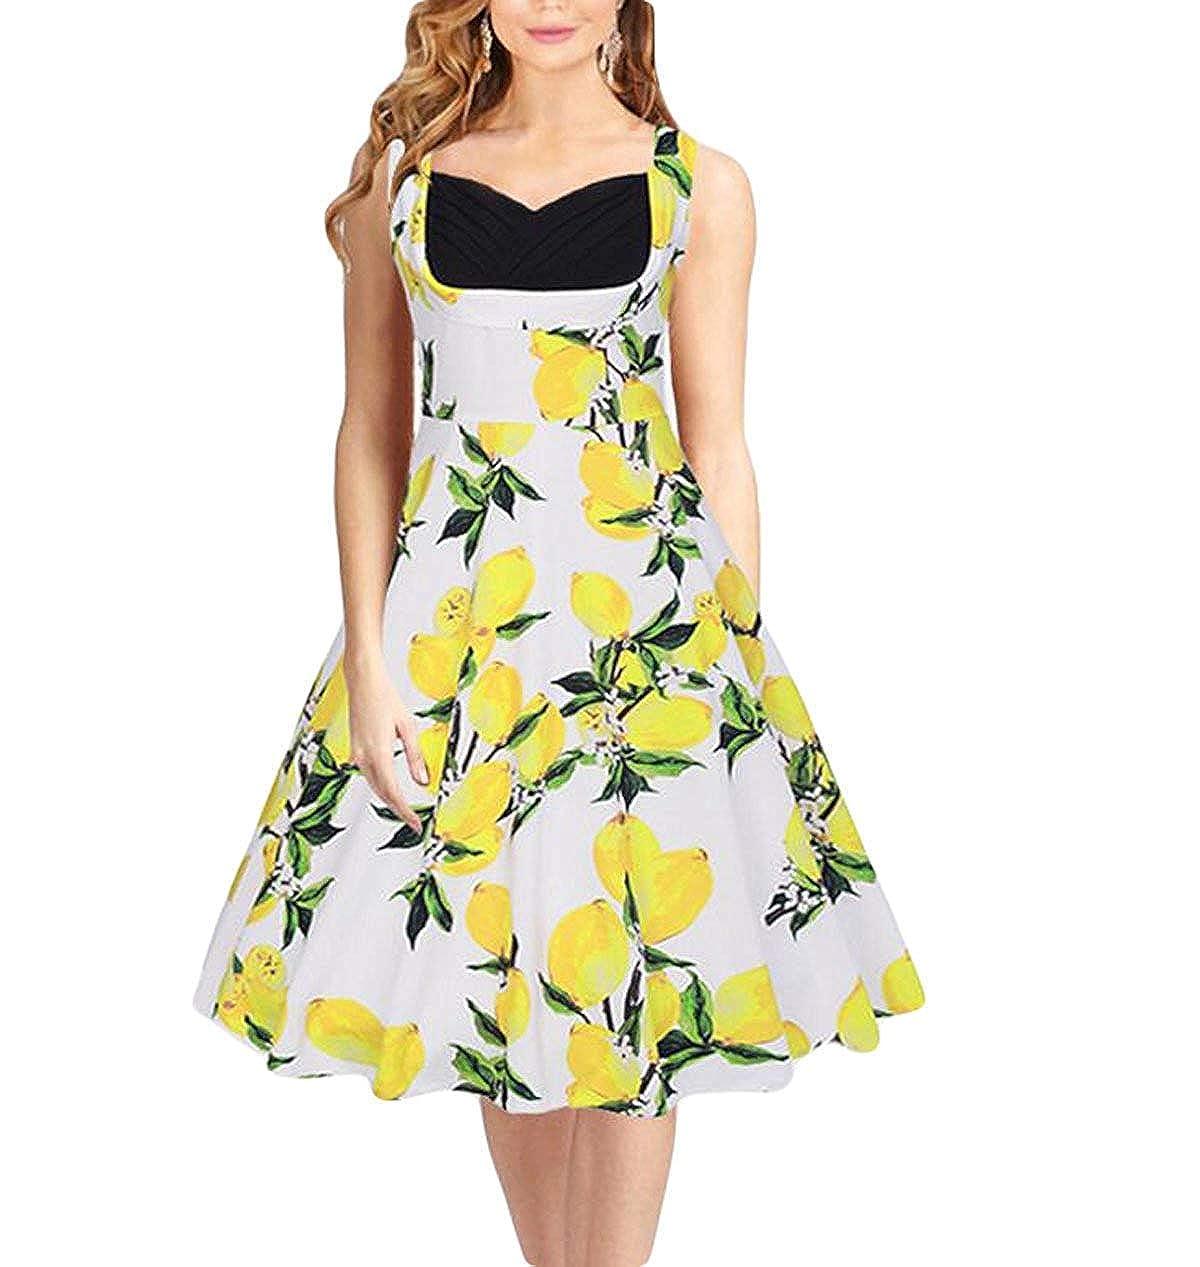 婦人服春ドレス Aスタイルドレス ビーチスカートサマードレスヴィンテージドレス (色 : C837white, サイズ : X-Large)   B07RXRCG8M